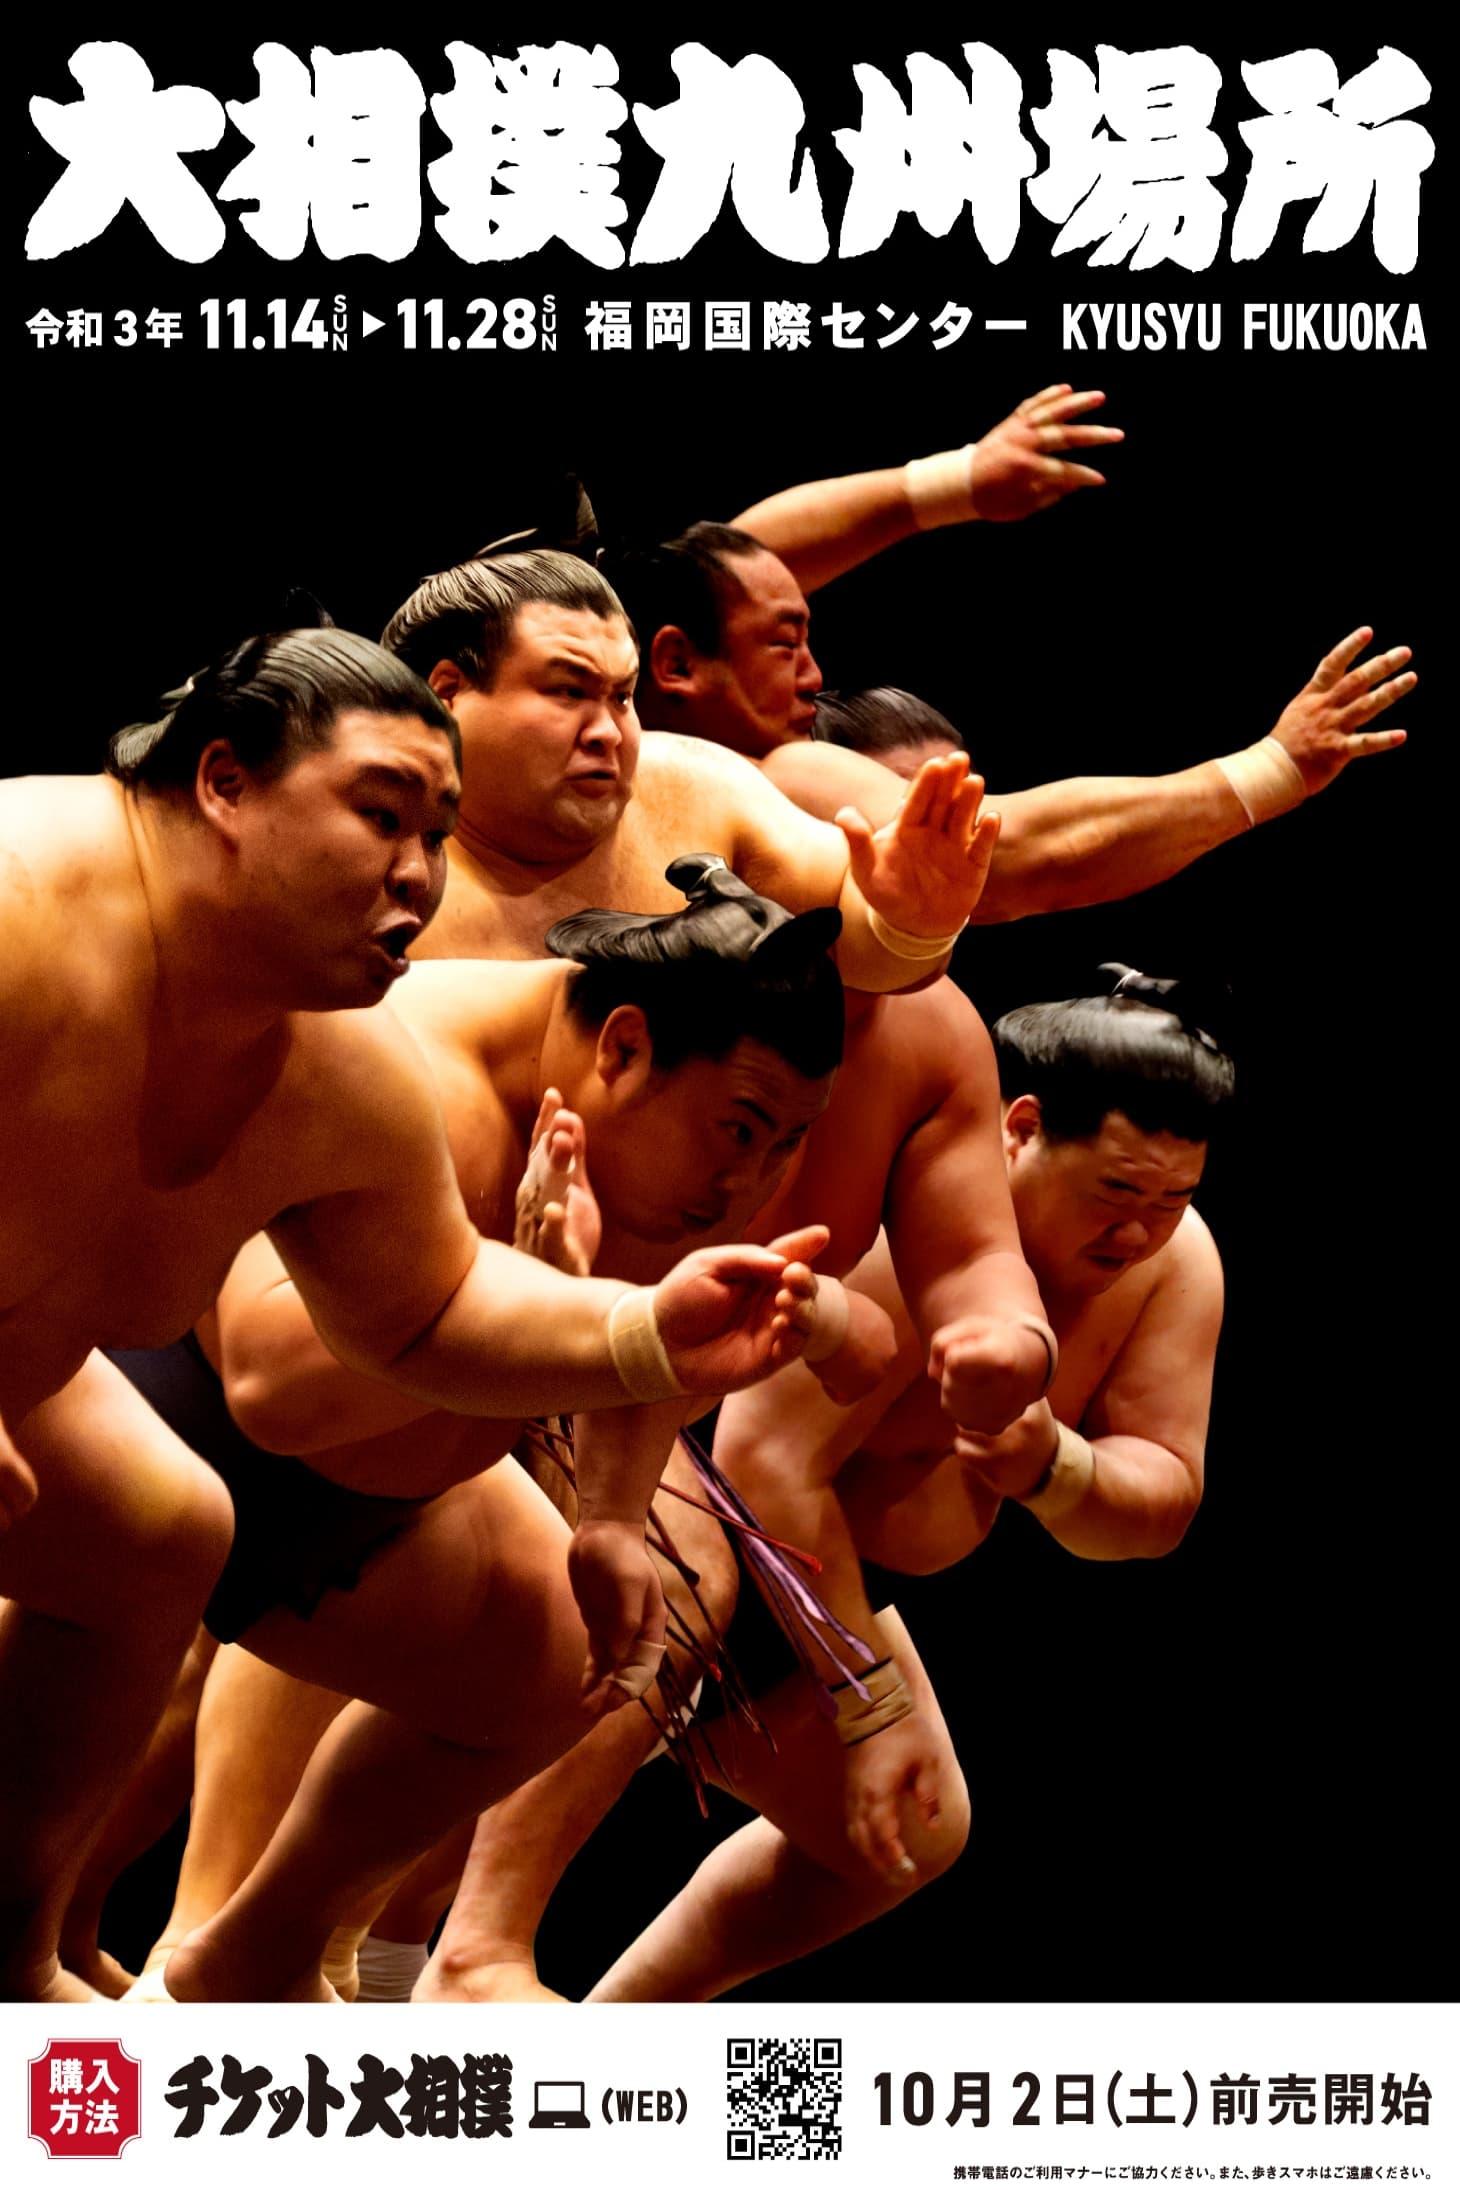 Grand Sumo Season 8